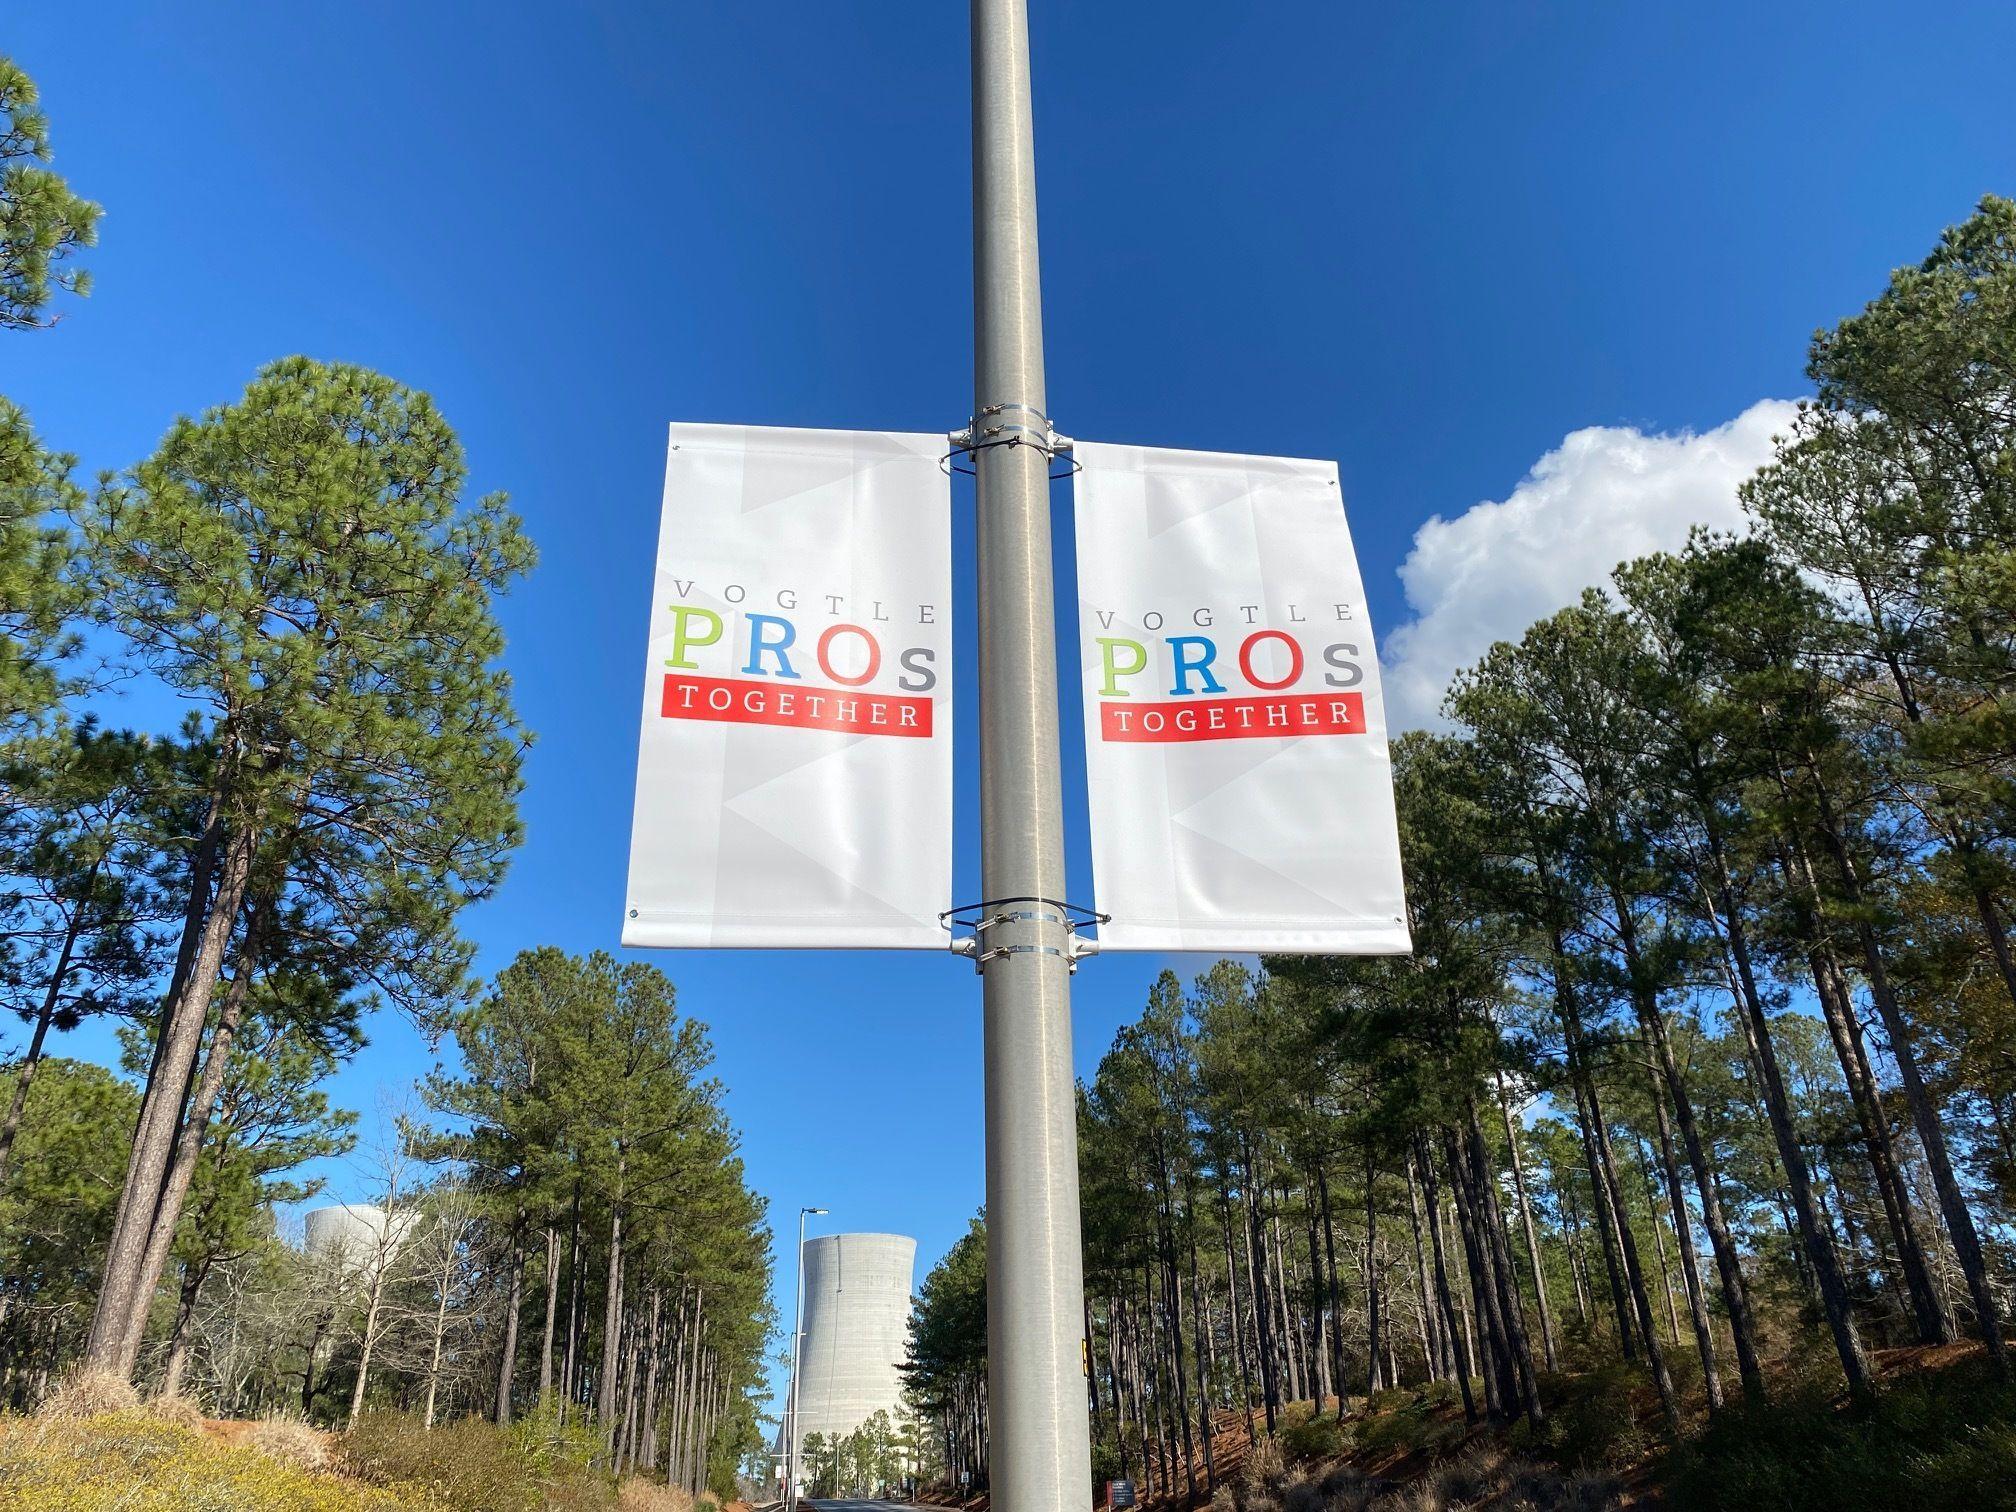 Vogtle PROs Campaign Pole Banner